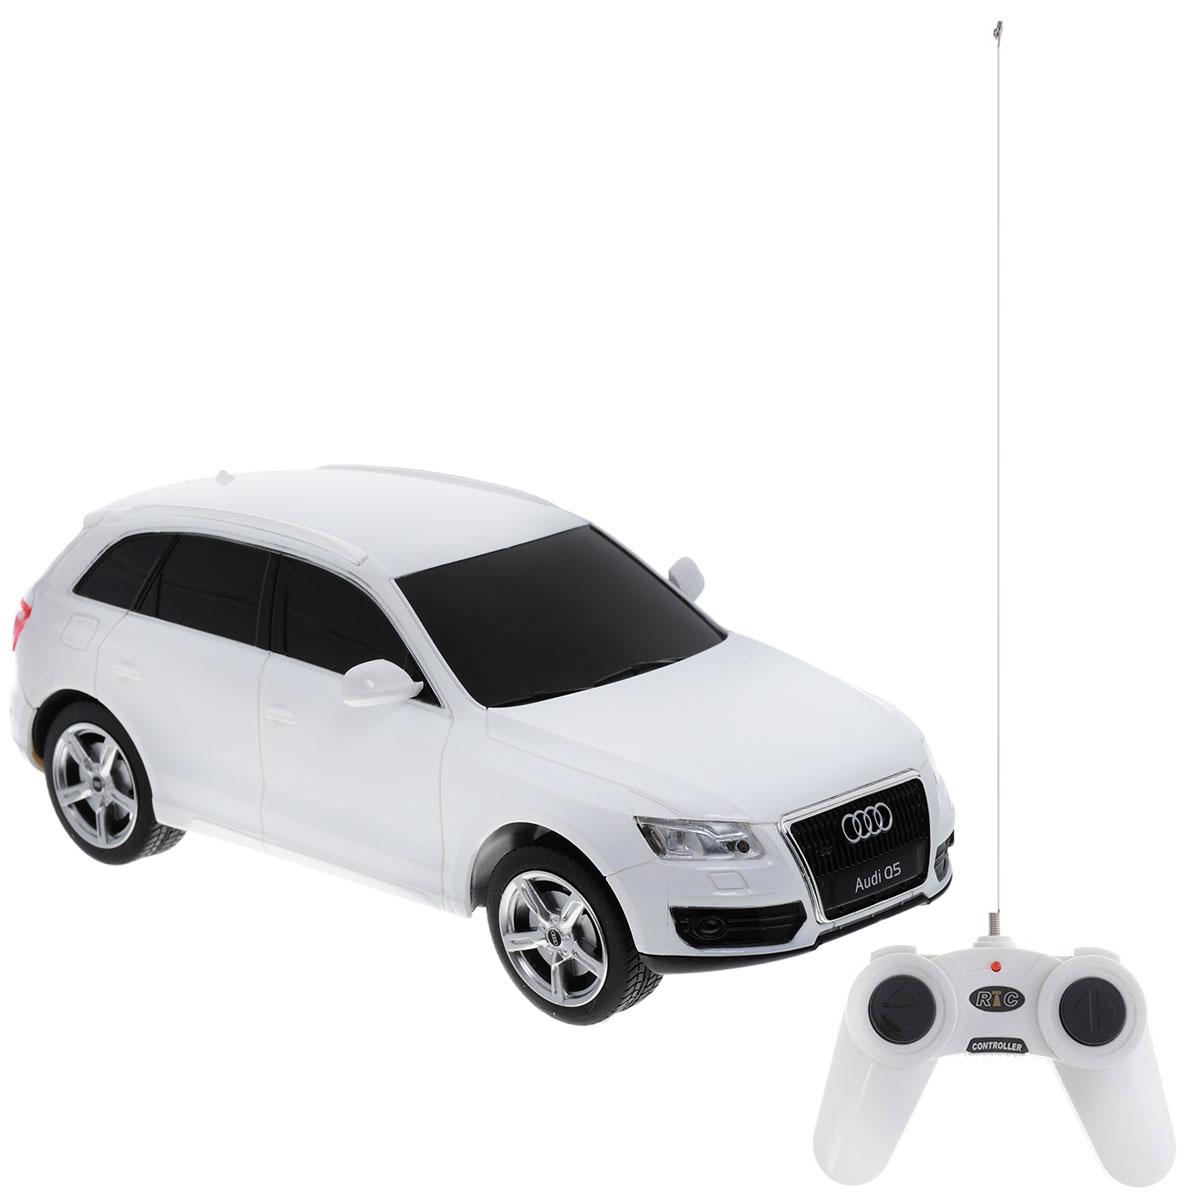 """Радиоуправляемая модель Rastar """"Audi Q5"""" станет отличным подарком любому мальчику! Все дети хотят иметь в наборе своих игрушек ослепительные, невероятные и модные автомобили на радиоуправлении. Тем более, если это автомобиль известной марки с проработкой всех деталей, удивляющий приятным качеством и видом. Одной из таких моделей является автомобиль на радиоуправлении Rastar """"Audi Q5"""". Это точная копия настоящего авто в масштабе 1:24. Автомобиль обладает неповторимым стилем и спортивным характером. Потрясающая маневренность, динамика и покладистость - отличительные качества этой модели. Возможные движения: вперед-назад, вправо-влево, остановка. Пульт управления работает на частоте 40 MHz. Машина работает от 3 батареек типа АА (не входят в комплект). Пульт работает от 2 батареек типа АА (не входят в комплект)."""